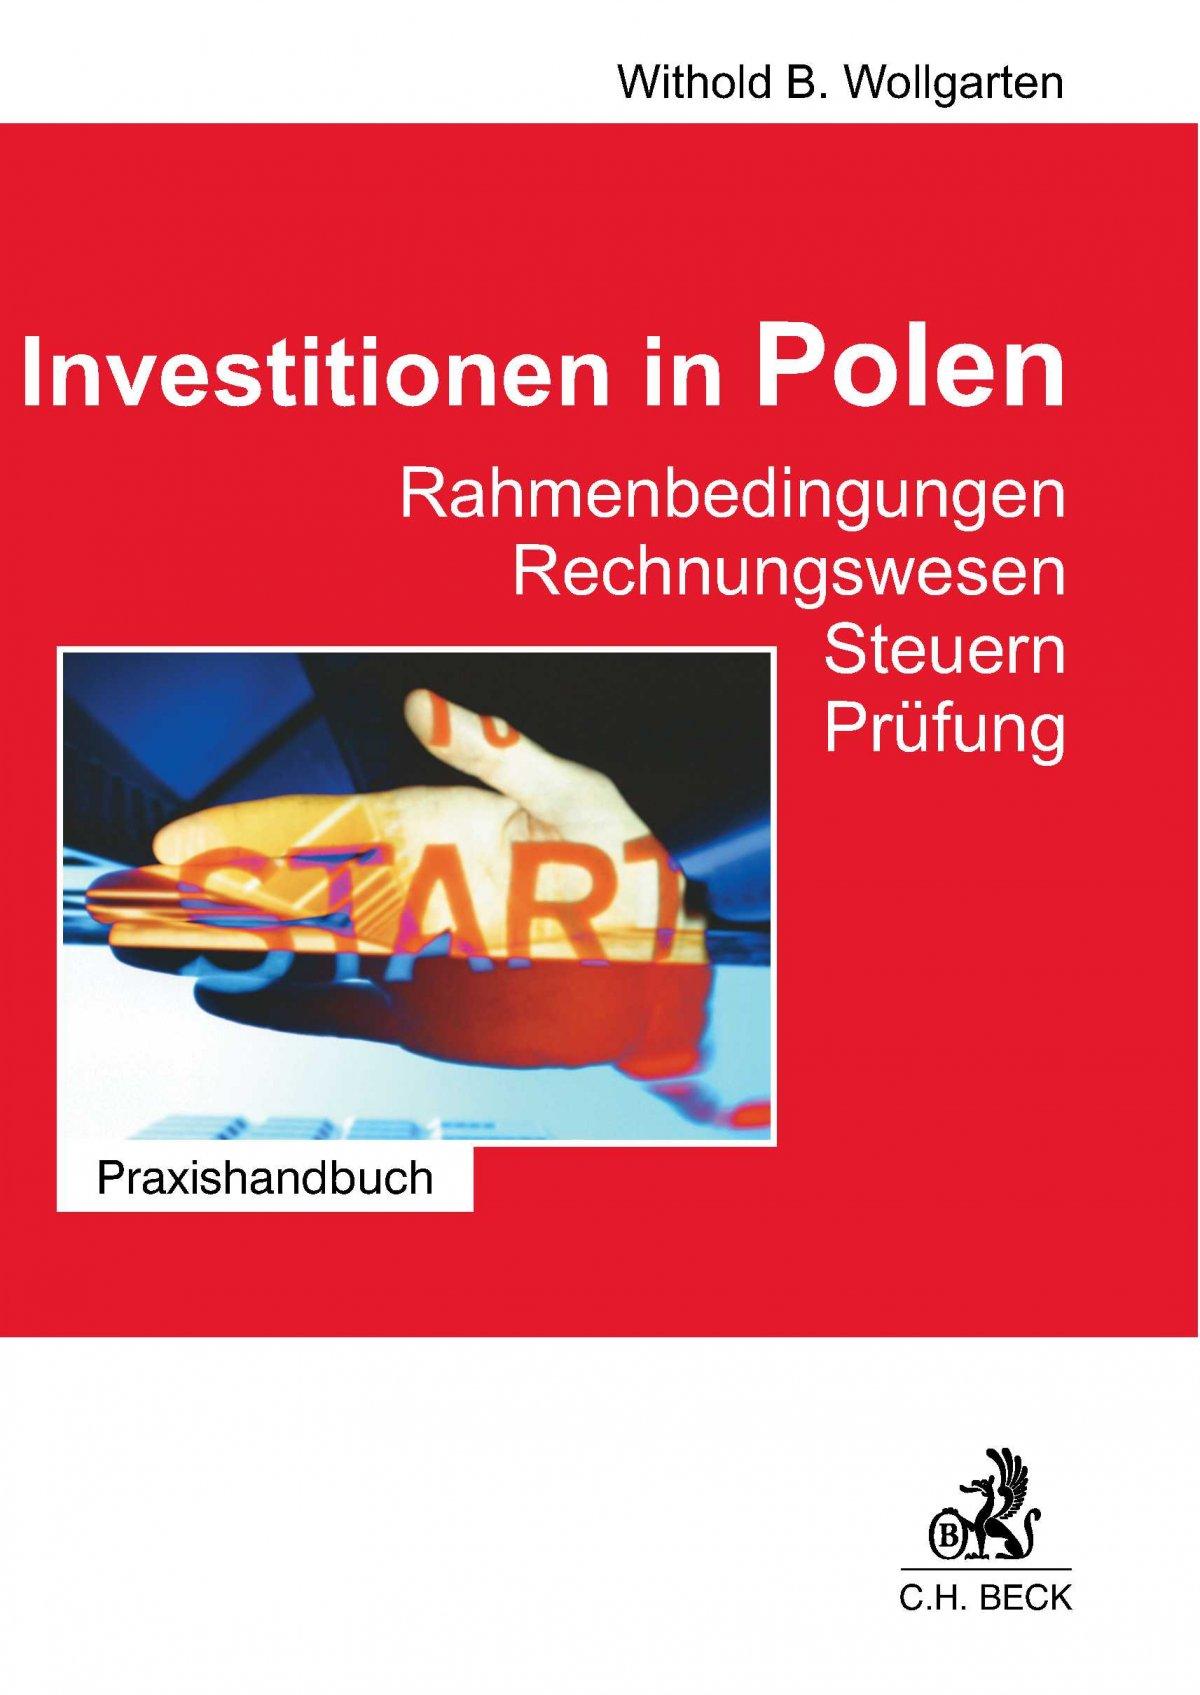 Investitionen in Polen. Rahmenbedingungen. Rechnungswesen. Steuern. Prüfung - Ebook (Książka PDF) do pobrania w formacie PDF